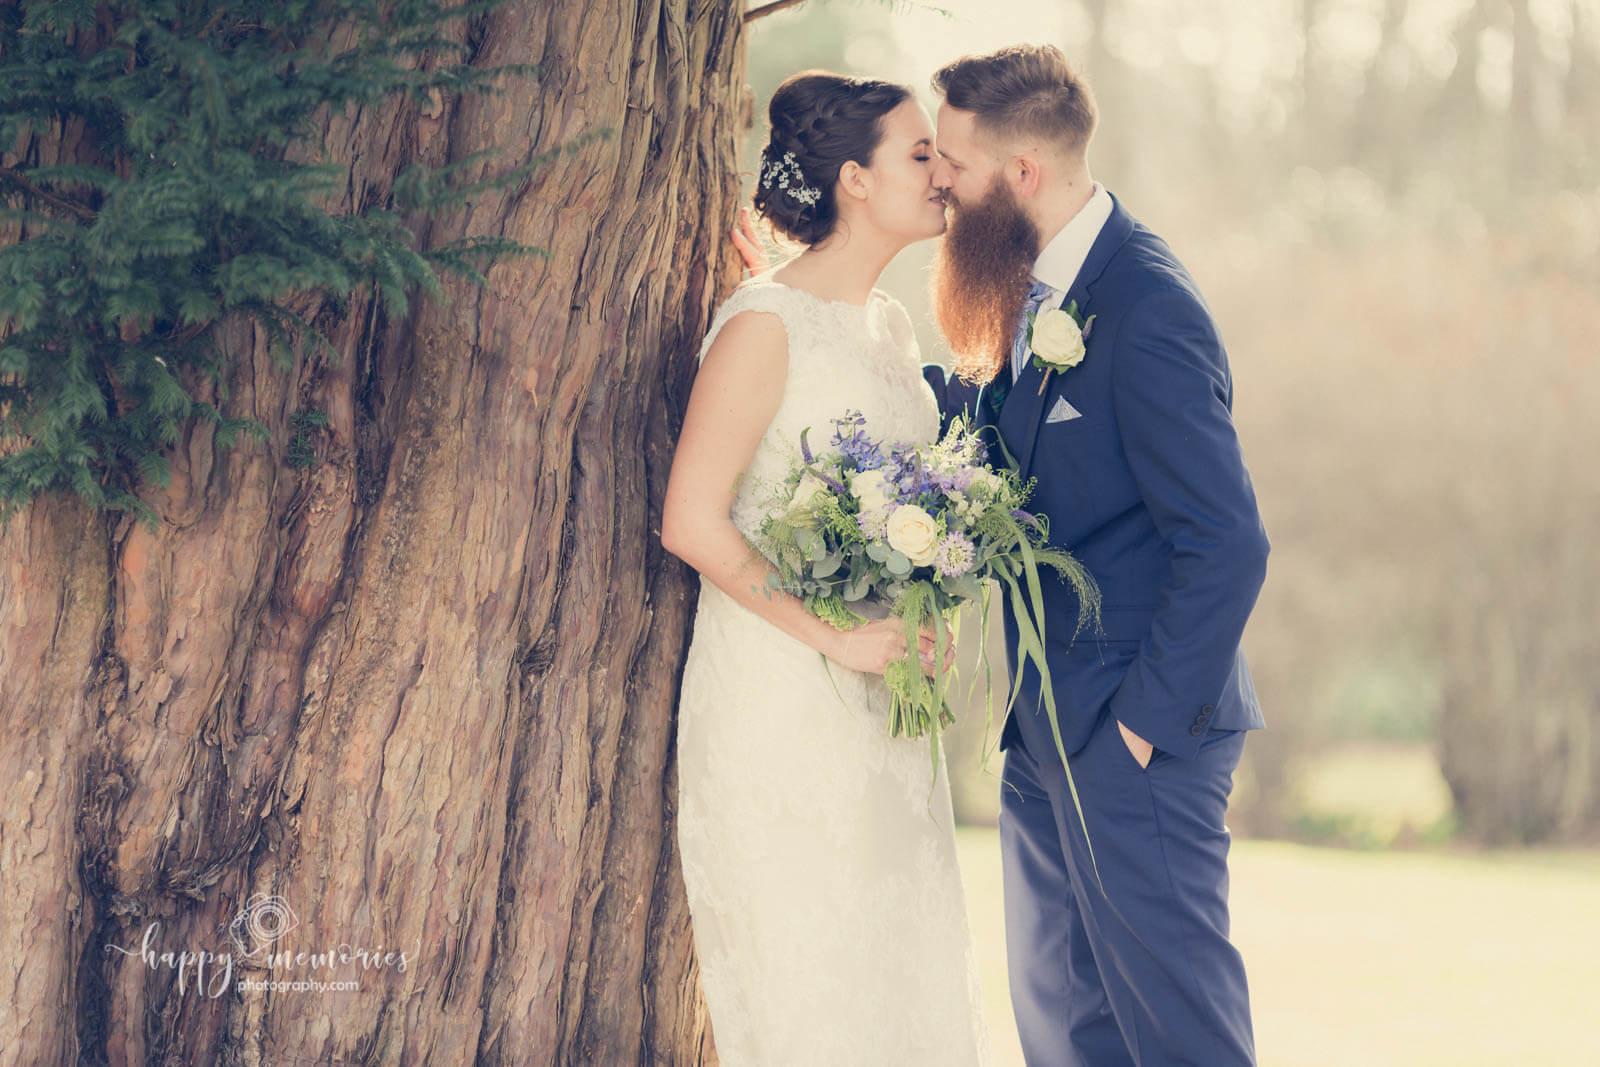 Wedding photographer Crawley-33